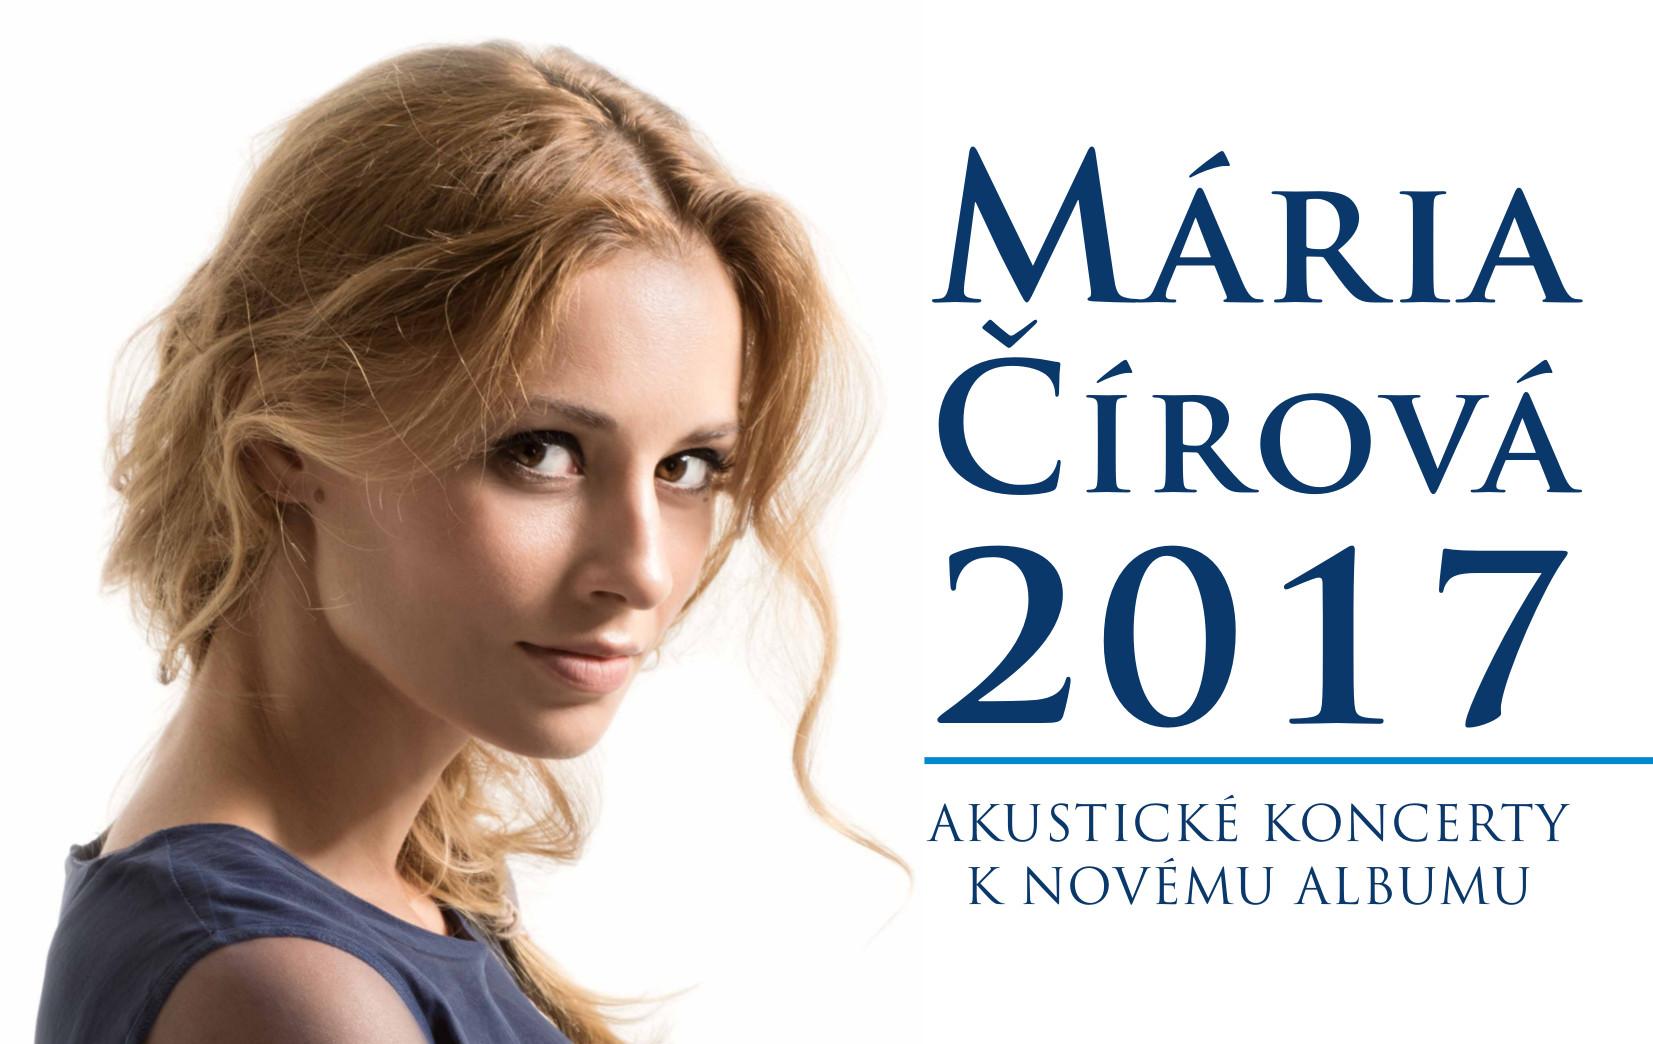 MÁRIA ČÍROVÁ  2017 Akustické koncerty k no - Kam v meste  c6389e6c1fb